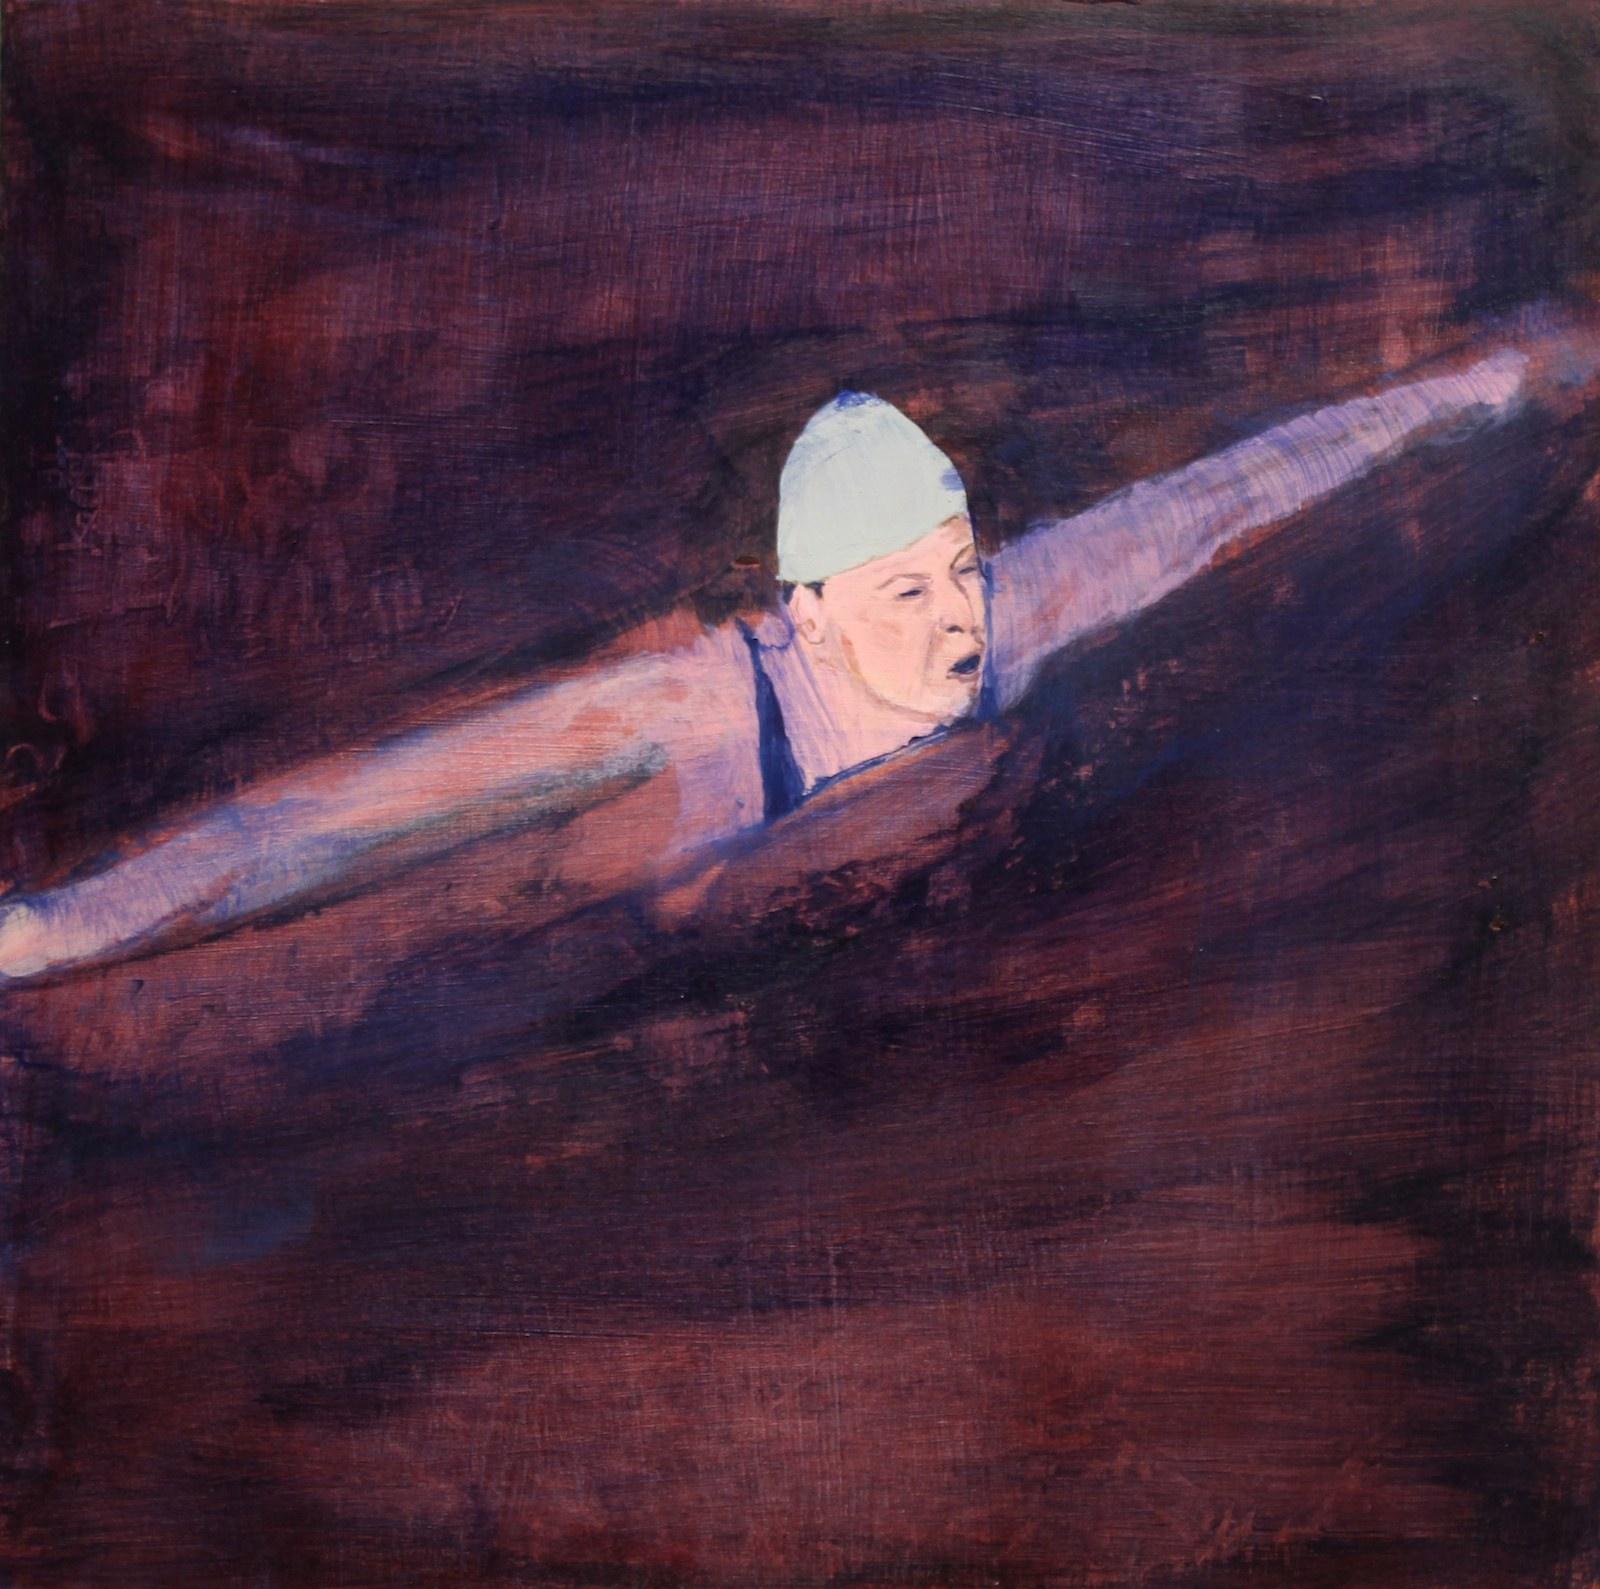 Swimmer, 1936 40 cm x 40 cm, acrylic on mdf, 2019